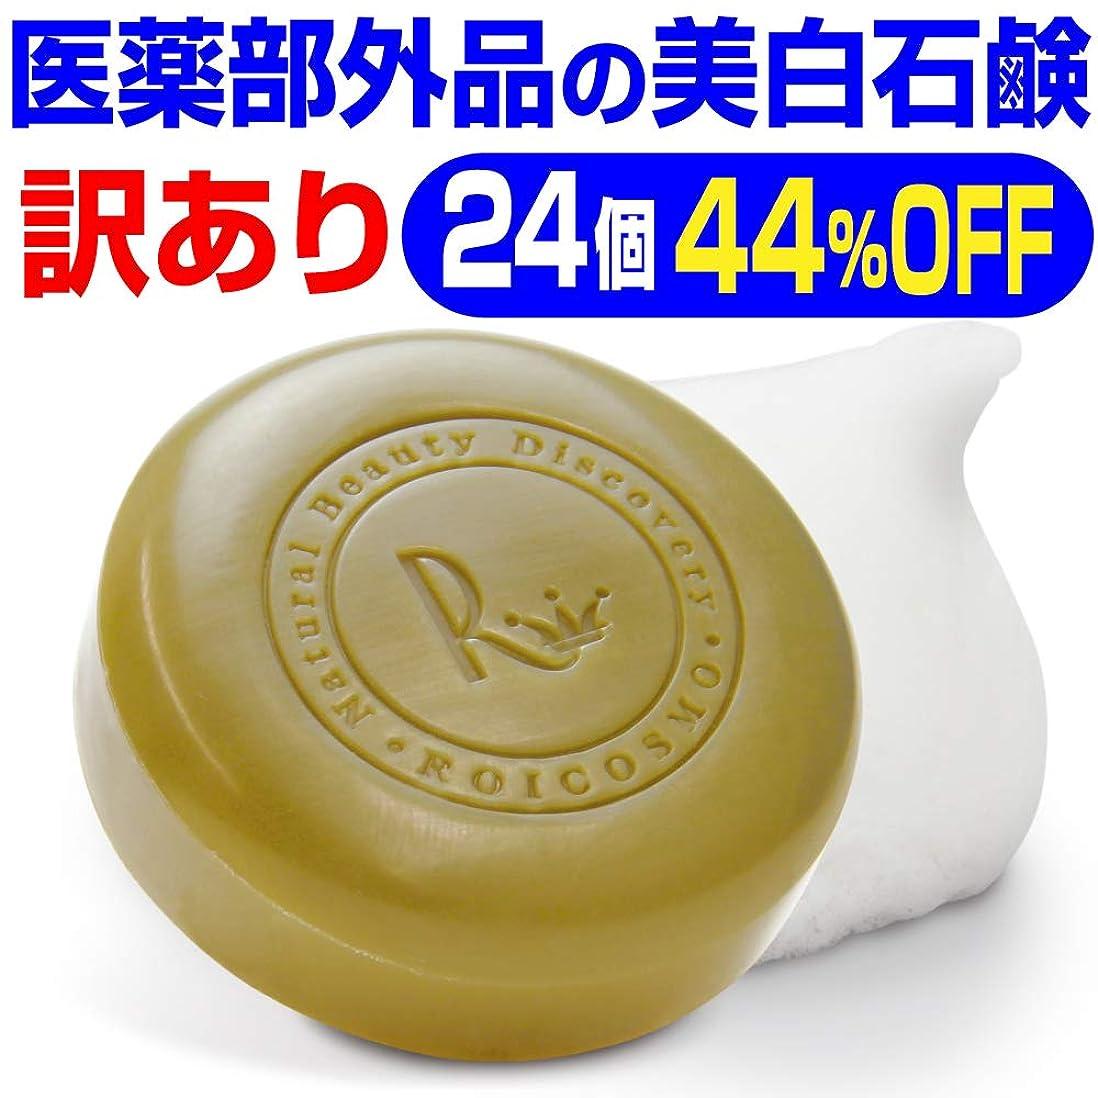 滅多なくなる線形訳あり44%OFF(1個2,143円)売切れ御免 ビタミンC270倍の美白成分の 洗顔石鹸『ホワイトソープ100g×24個』